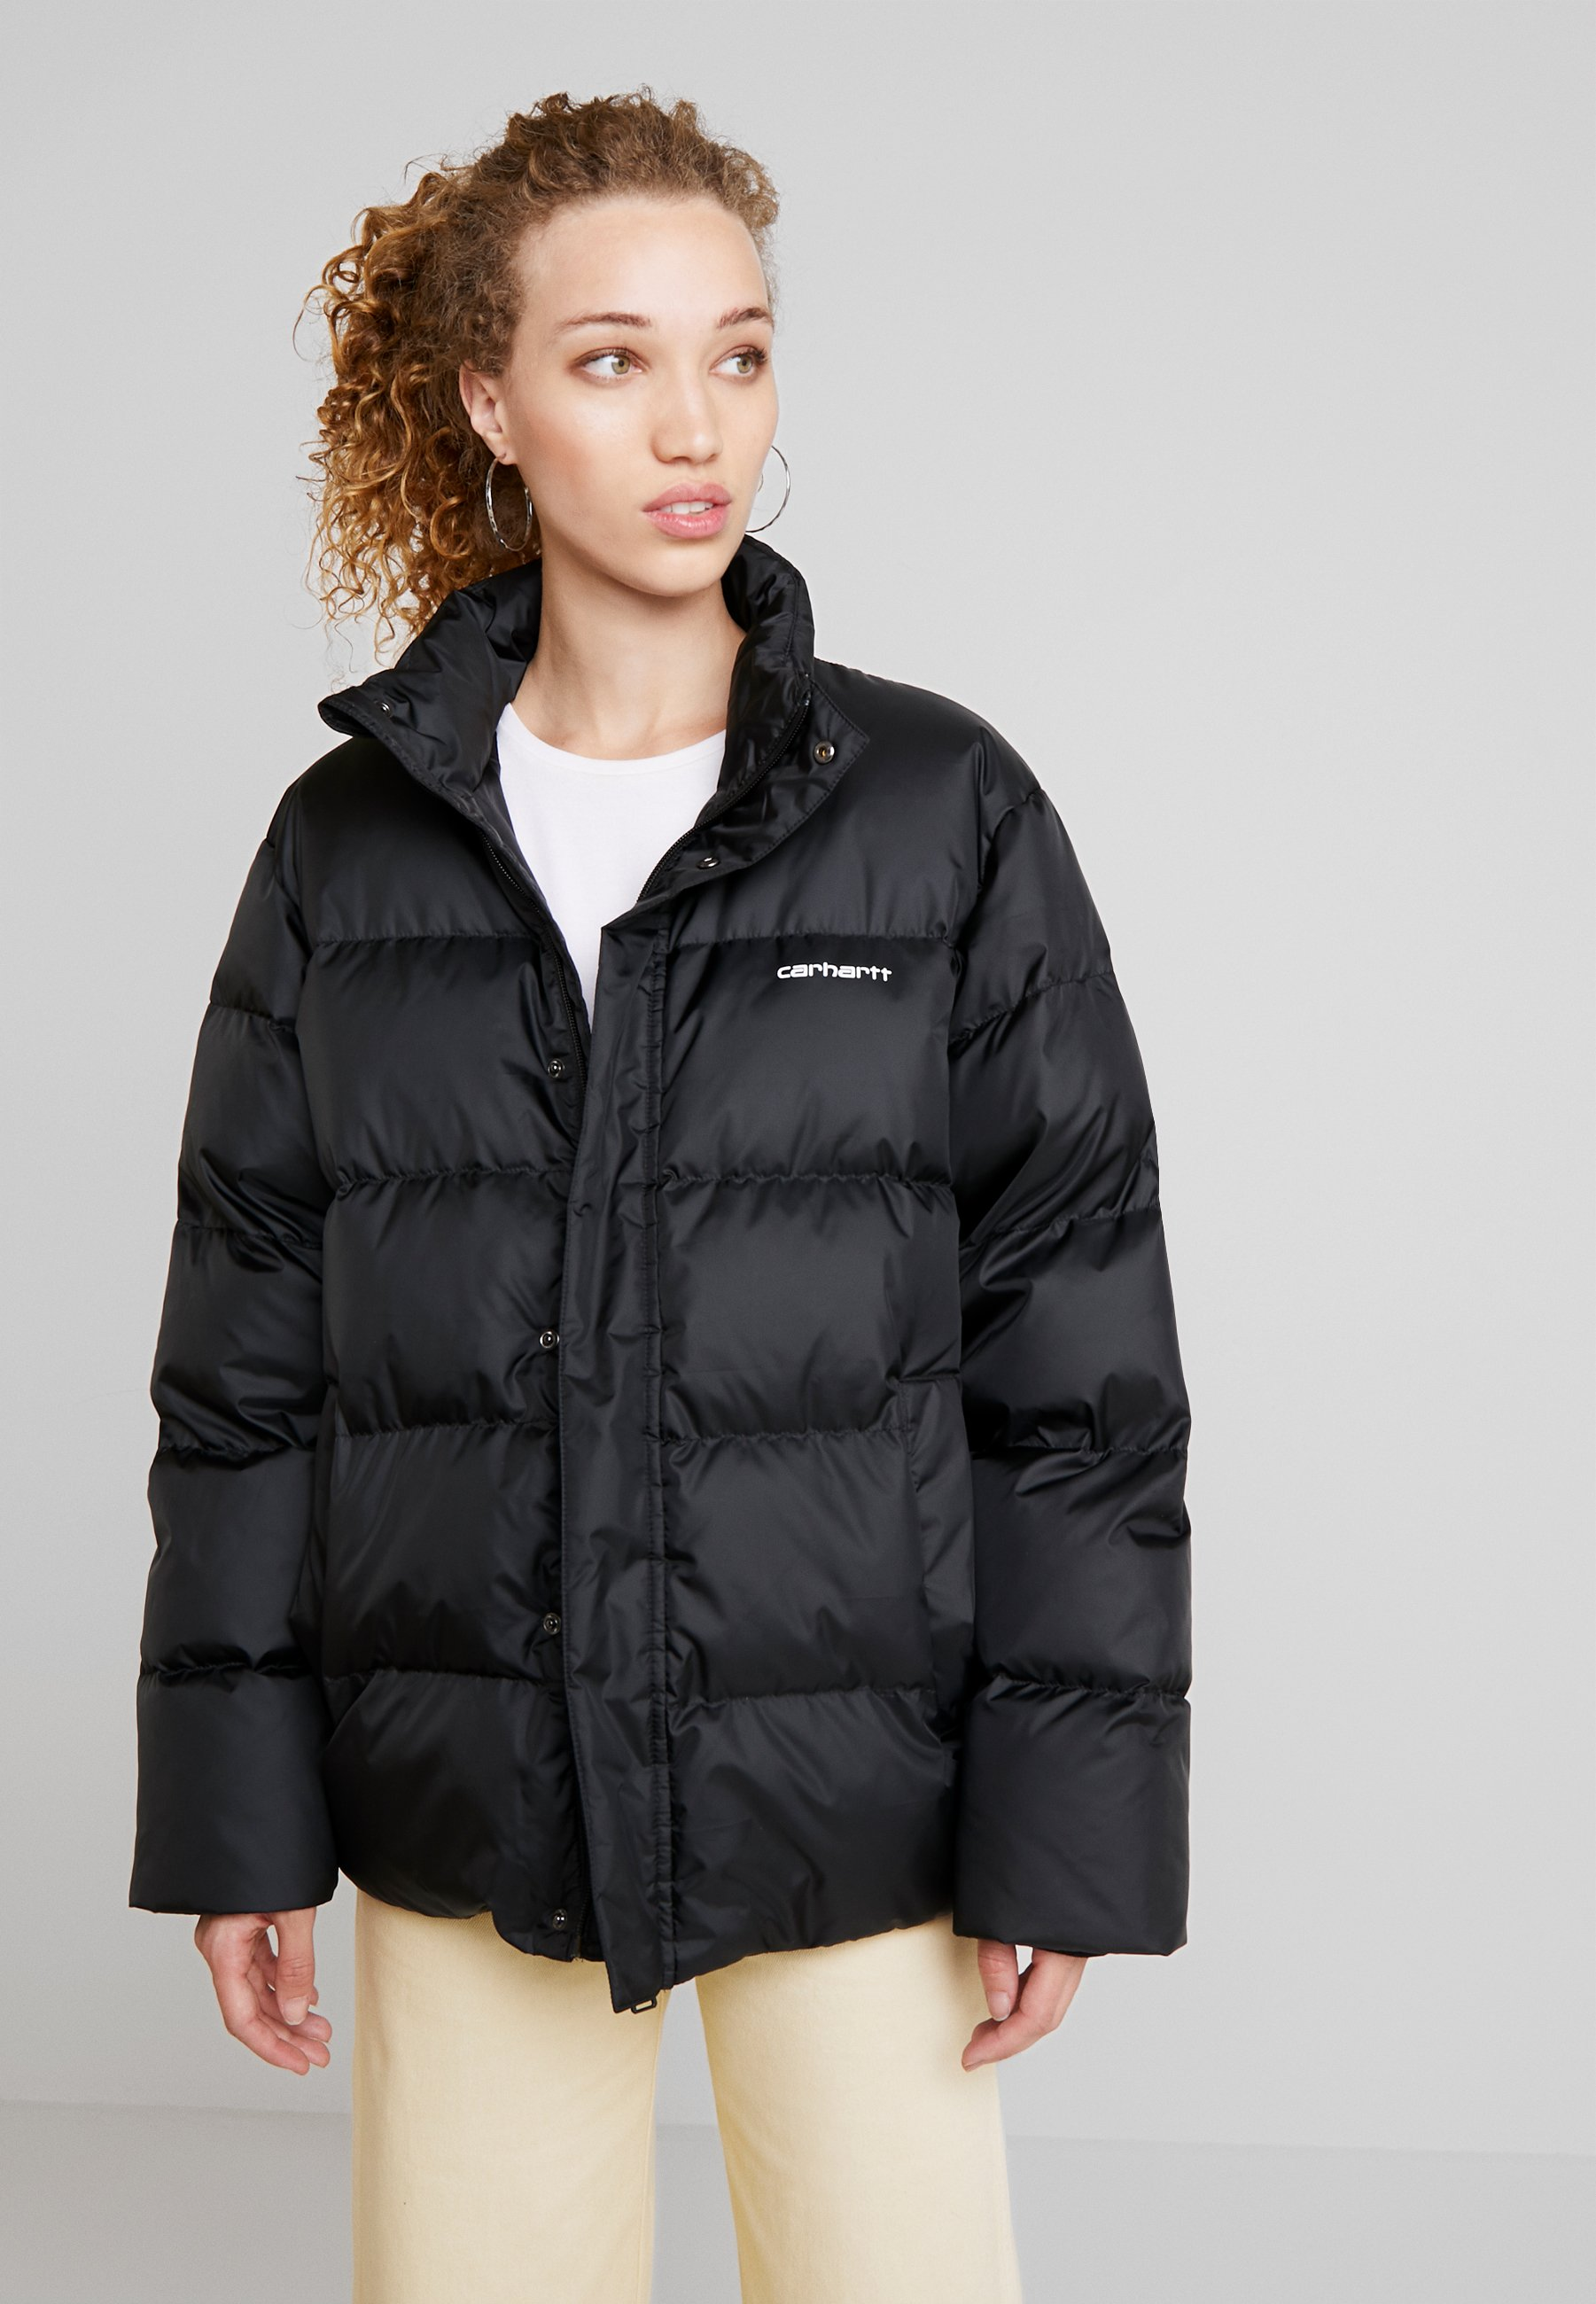 Köp Carhartt WIP W' Danville Jacket Black   Jackor